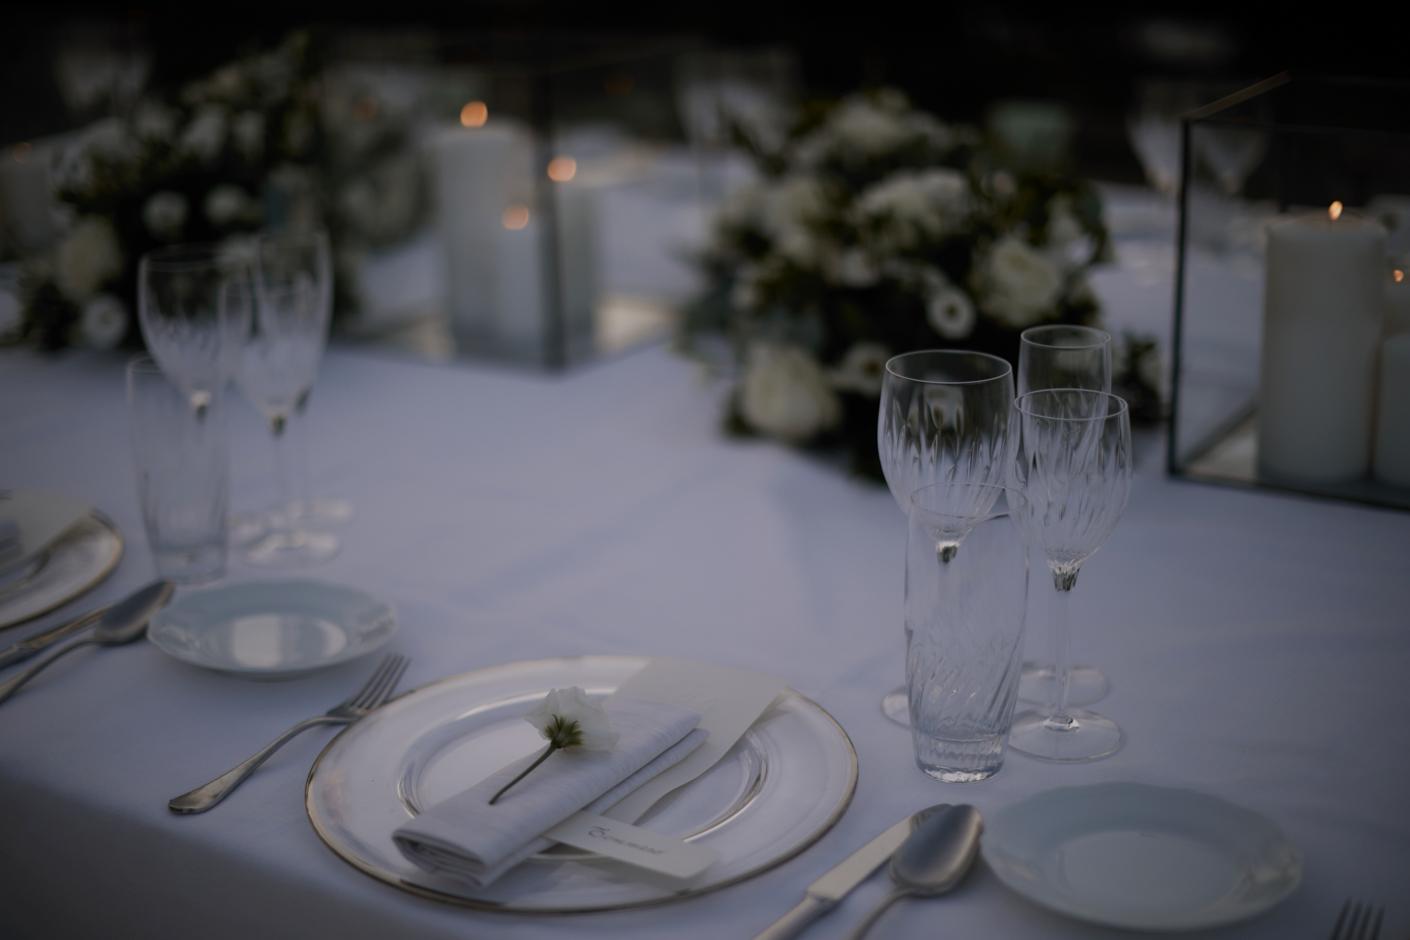 dettagli dei tavoli - Sfumature di bianco e punti luce